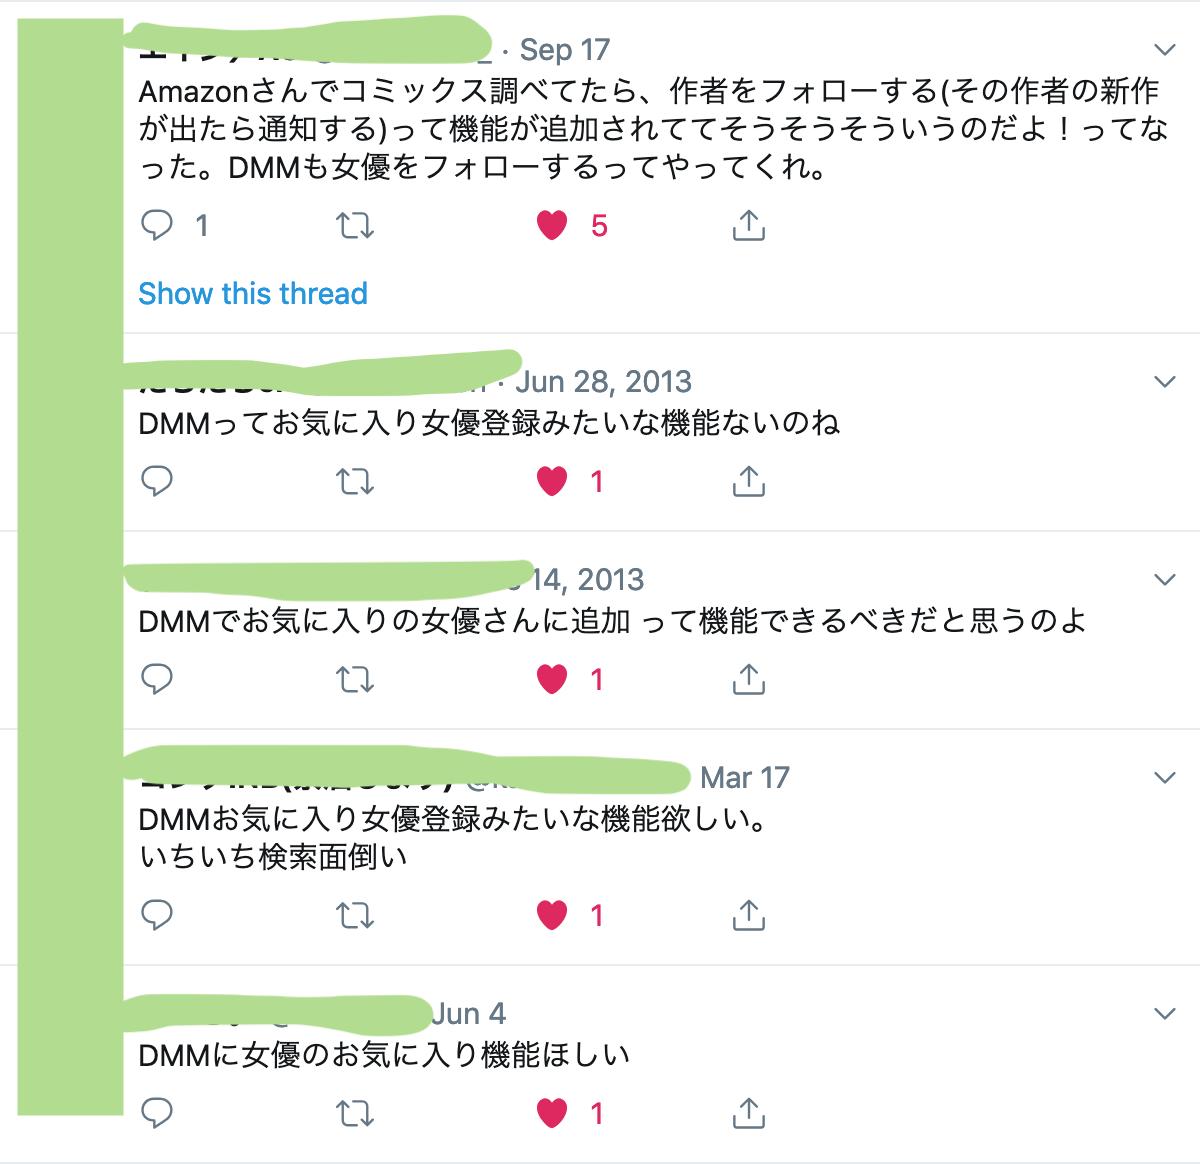 スクリーンショット 2019-03-11 1.29.30.png